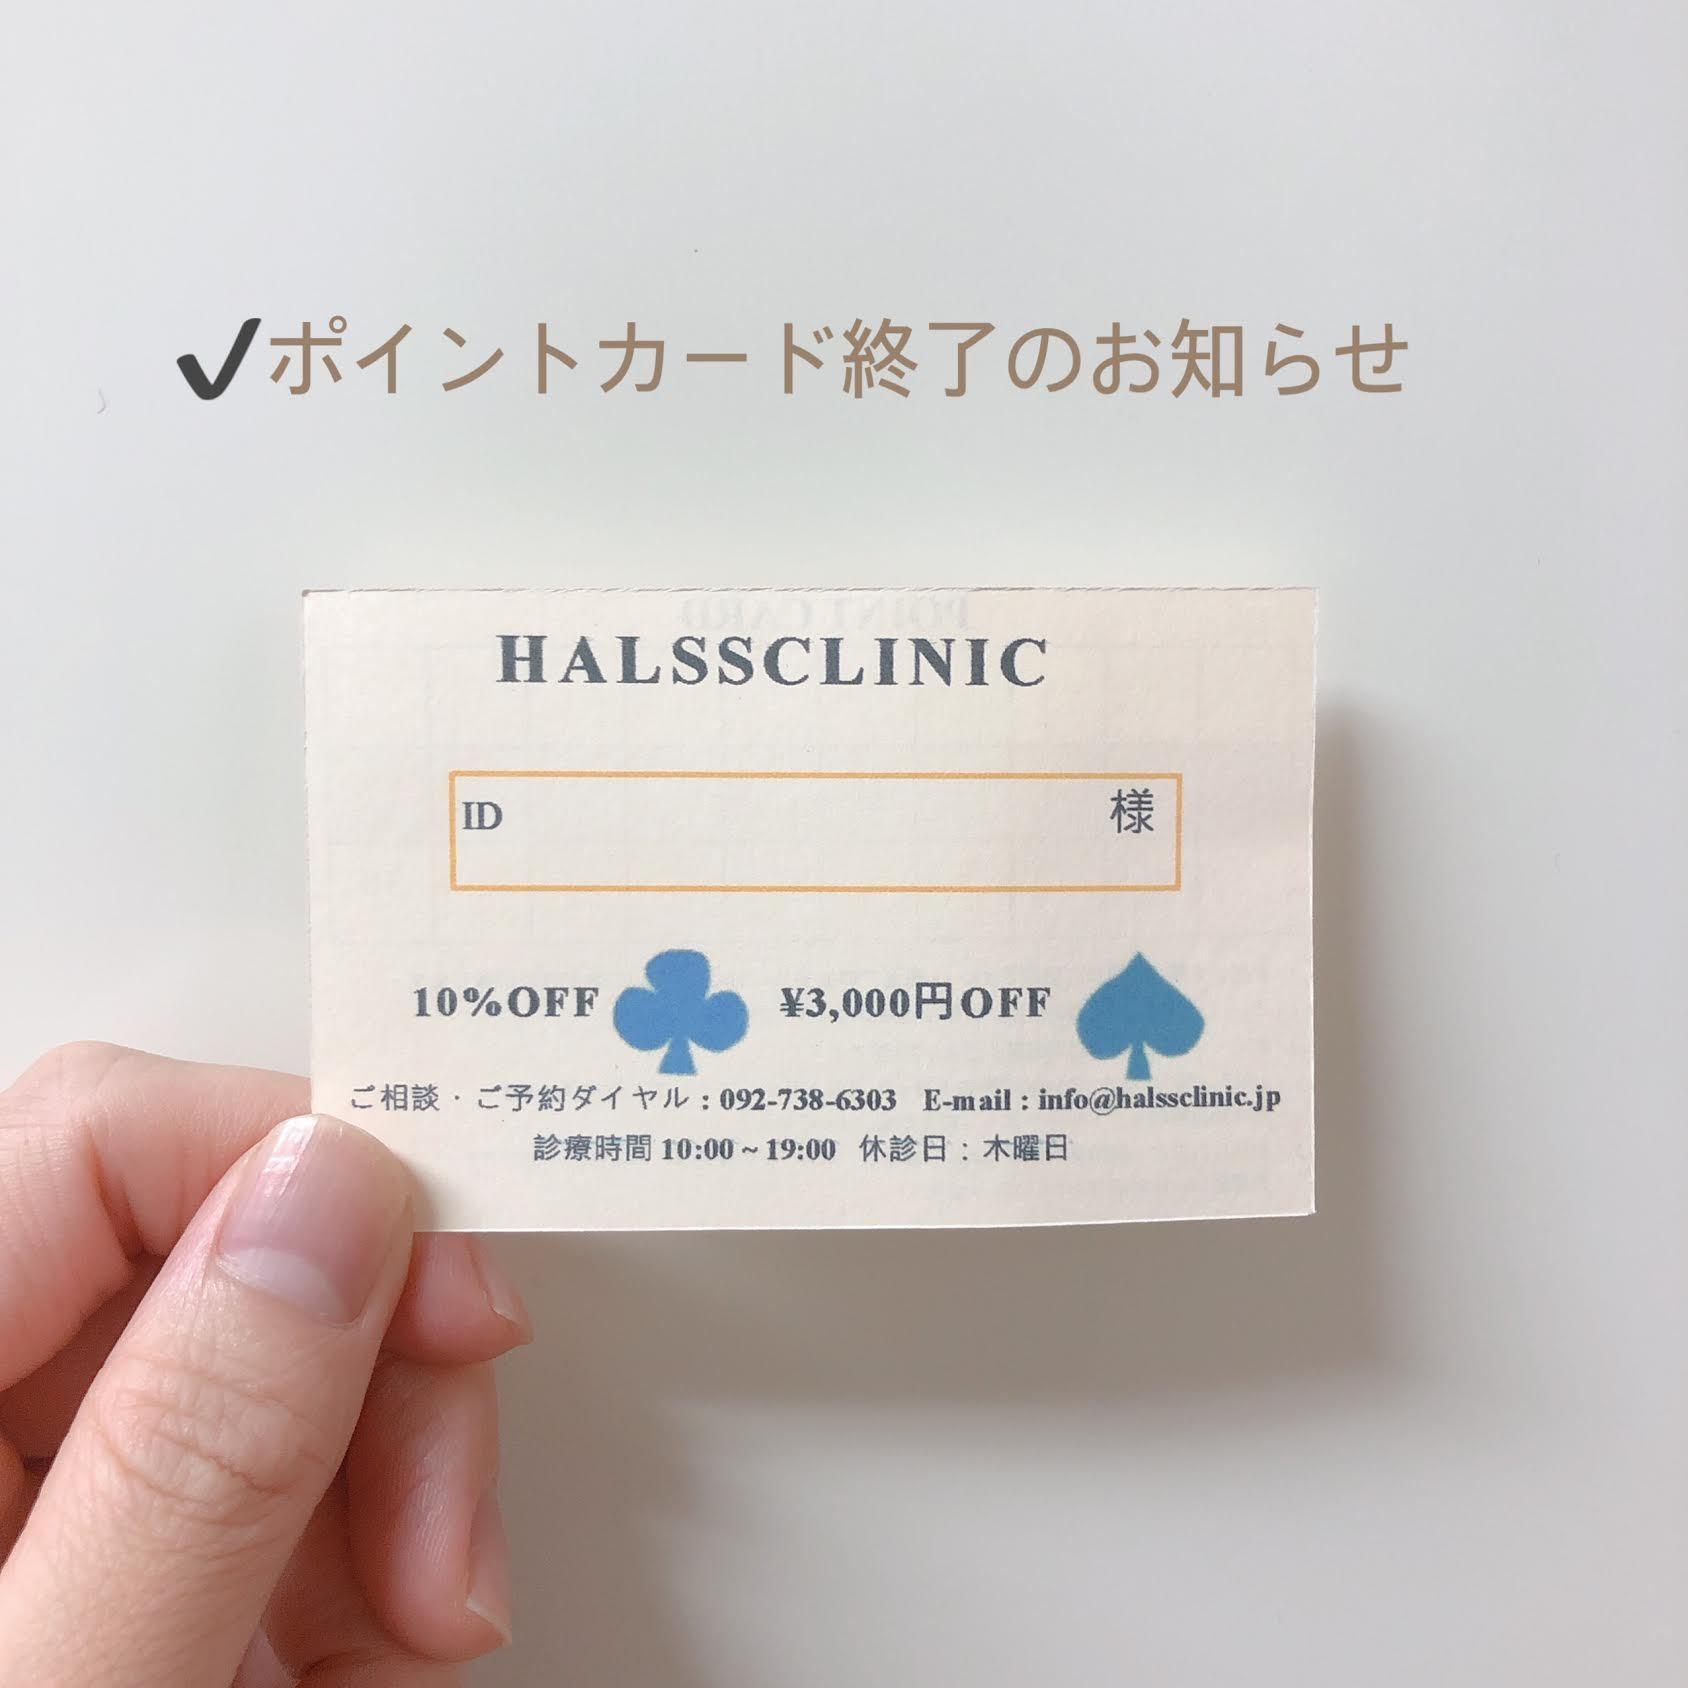 HALSSCLINICポイントカード終了のお知らせ_d0155678_12164267.jpeg